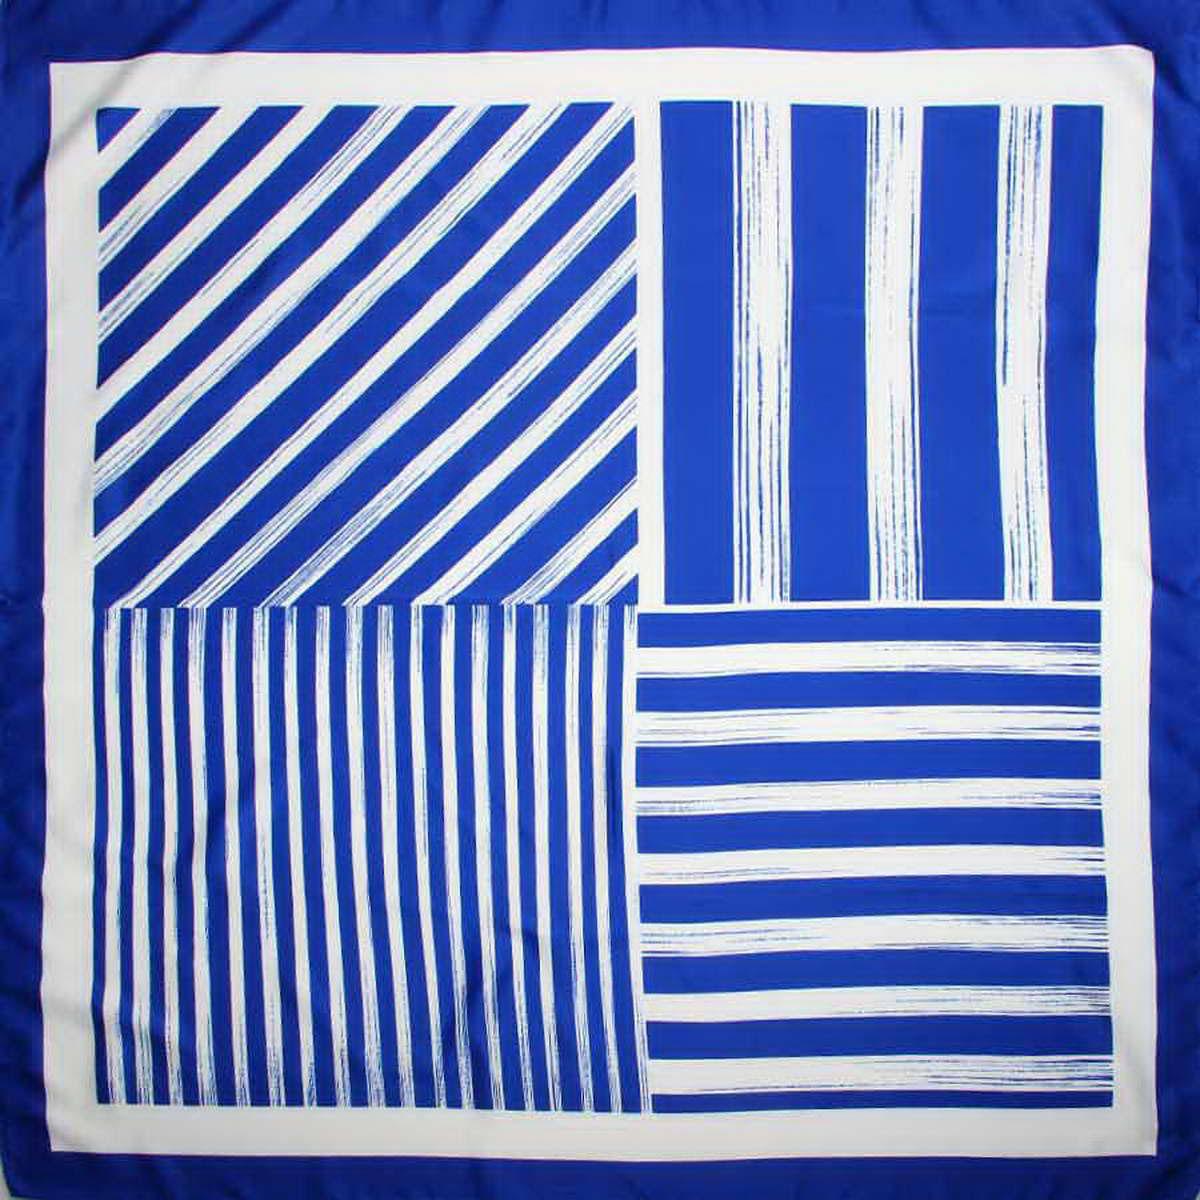 Платок женский Venera, цвет: синий, белый. 3907033-11. Размер 90 см х 90 см3907033-11Стильный женский платок Venera станет великолепным завершением любого наряда. Платок изготовлен из полиэстера и оформлен принтом в полоску. Классическая квадратная форма позволяет носить платок на шее, украшать им прическу или декорировать сумочку. Легкий и приятный на ощупь платок поможет вам создать изысканный женственный образ. Такой платок превосходно дополнит любой наряд и подчеркнет ваш неповторимый вкус и элегантность.